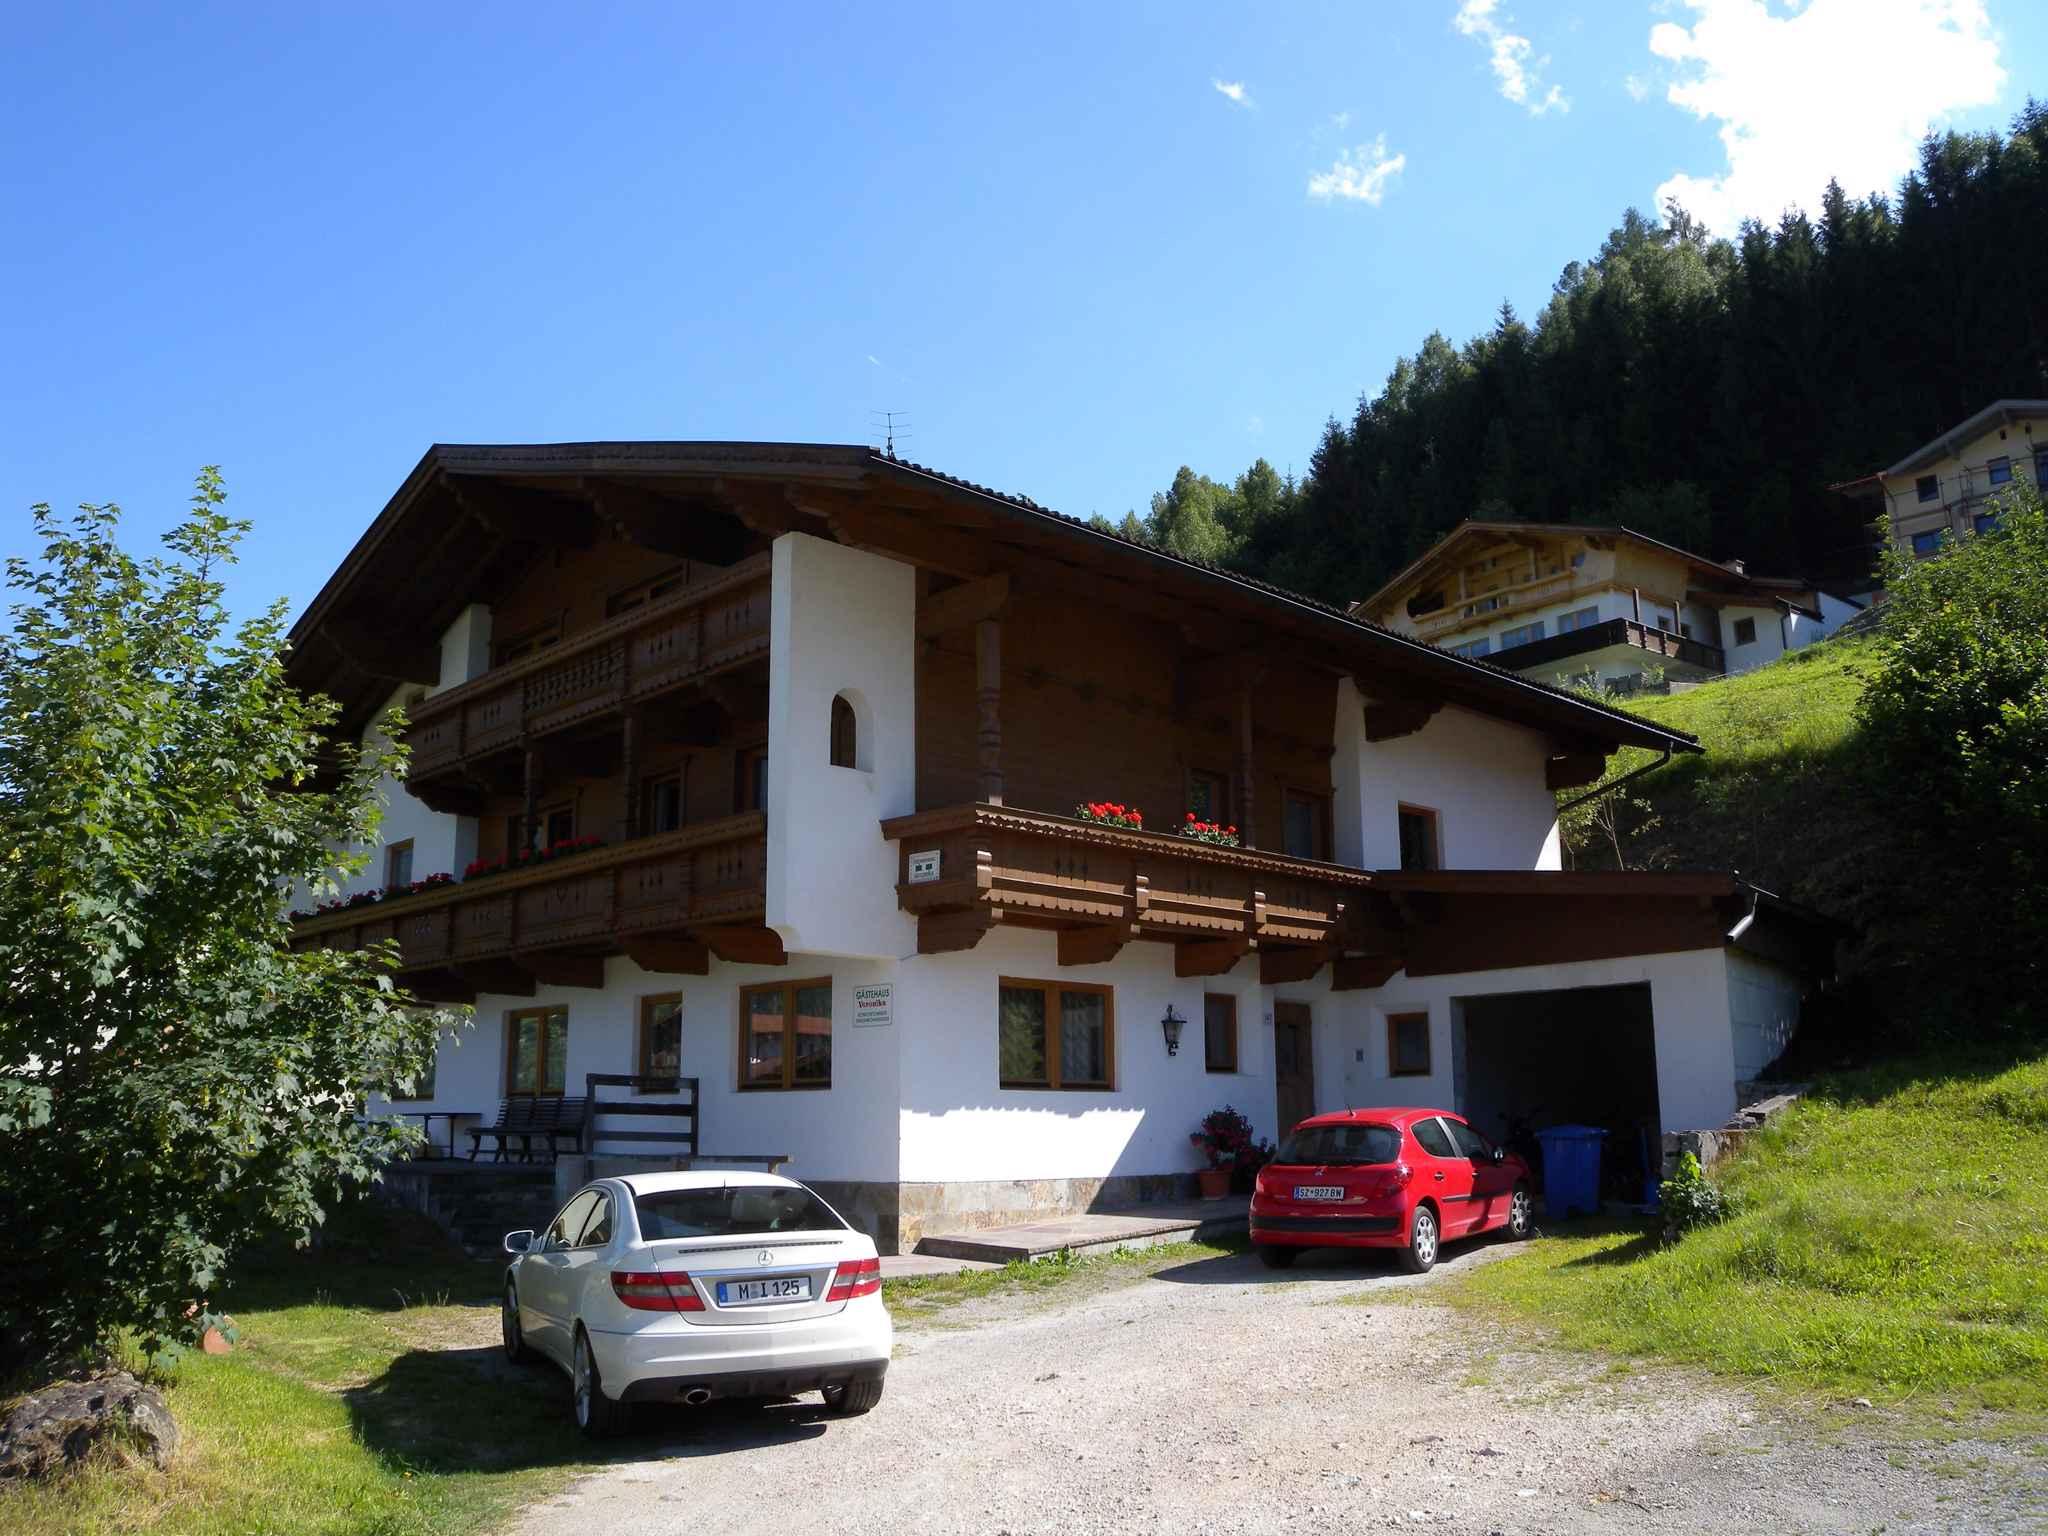 Ferienwohnung mit Balkon in Zentrumsnähe (283769), Kaltenbach, Zillertal, Tirol, Österreich, Bild 1